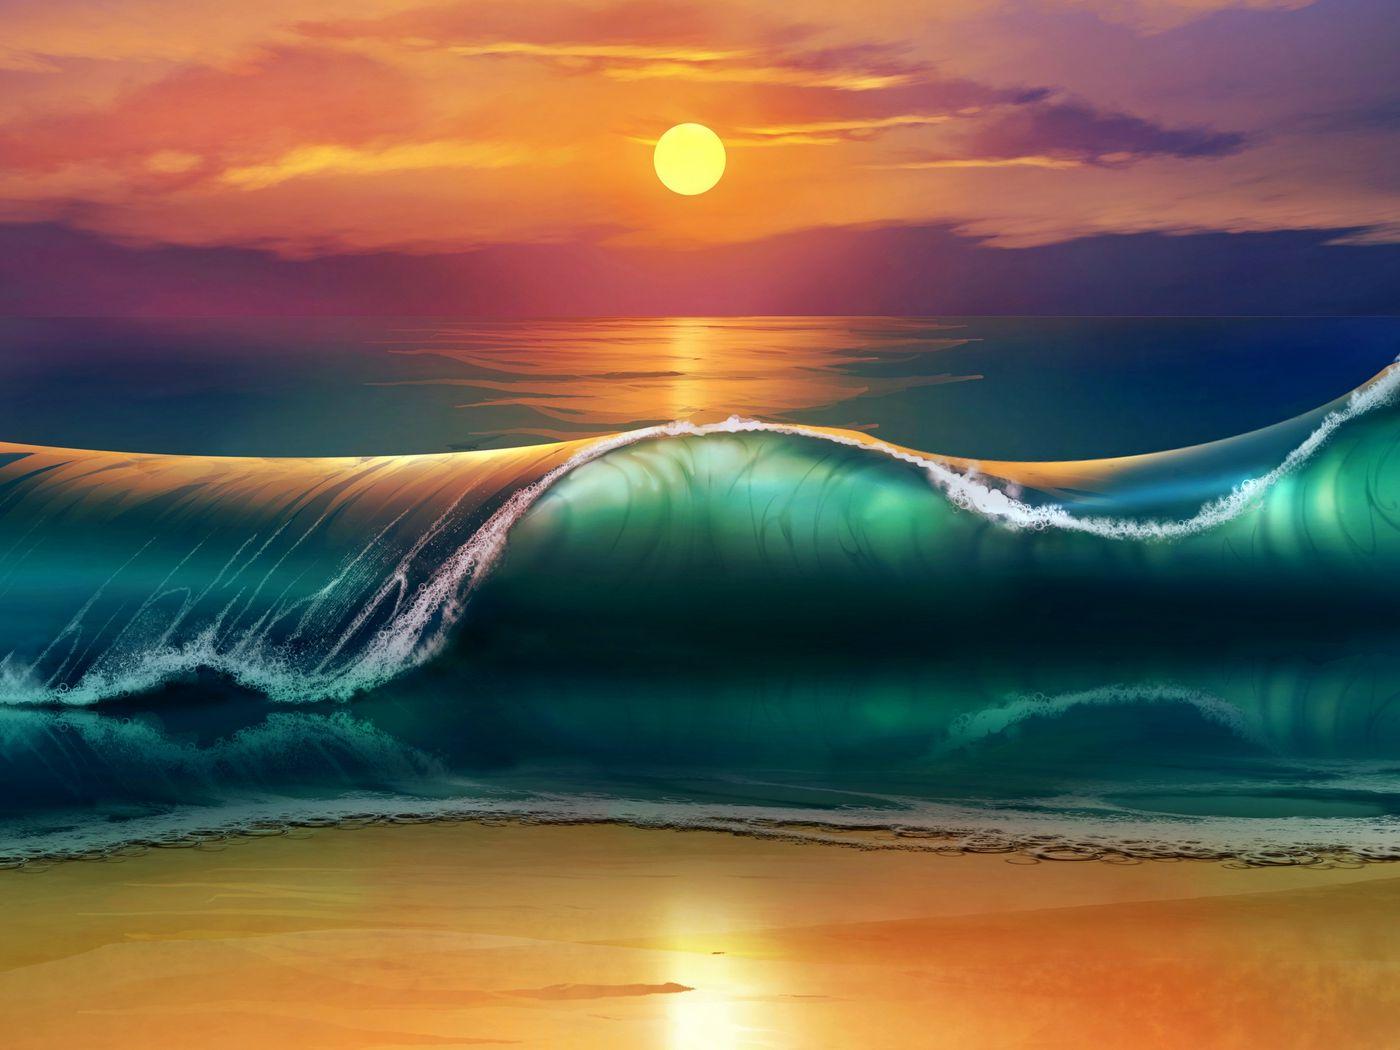 1400x1050 Wallpaper art, sunset, beach, sea, waves